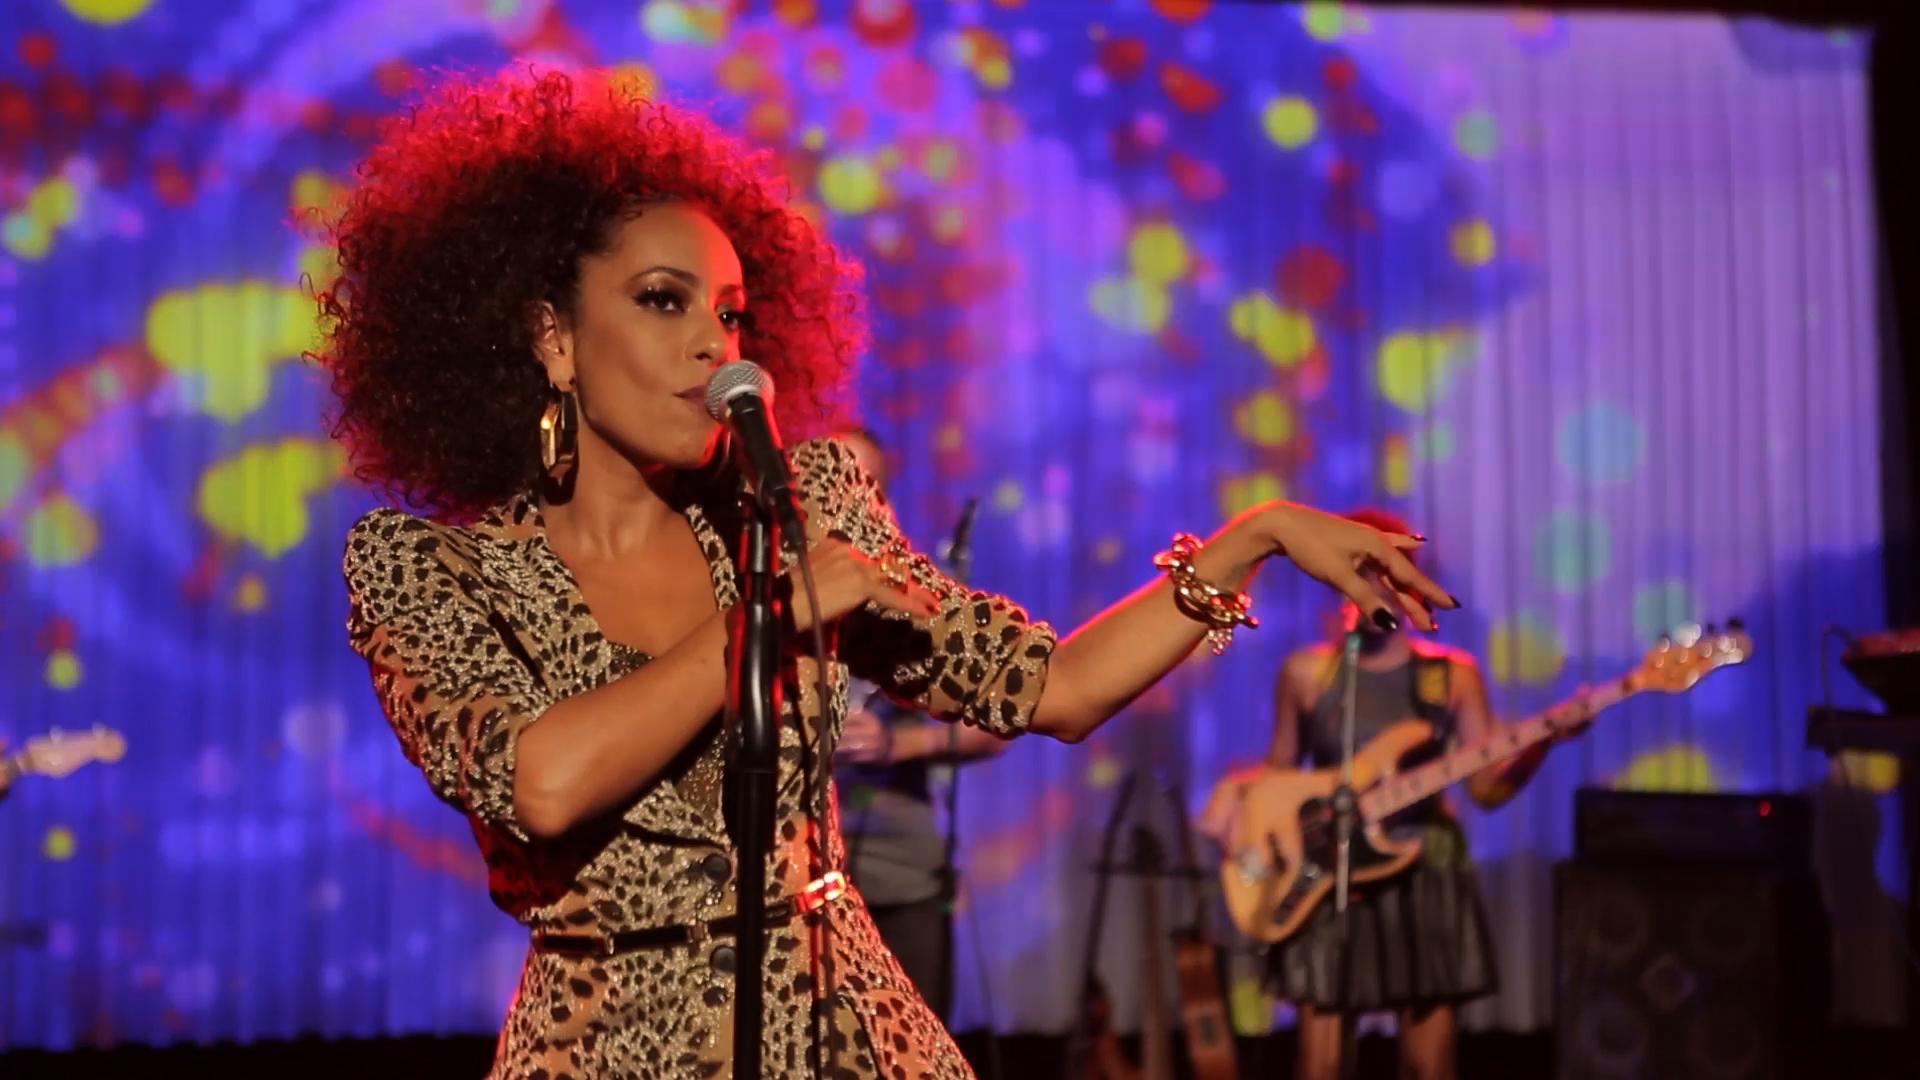 Samantha Schmütz homenageia black music na estreia (Foto: Páprica Fotografia / Divulgação Canal BIS)